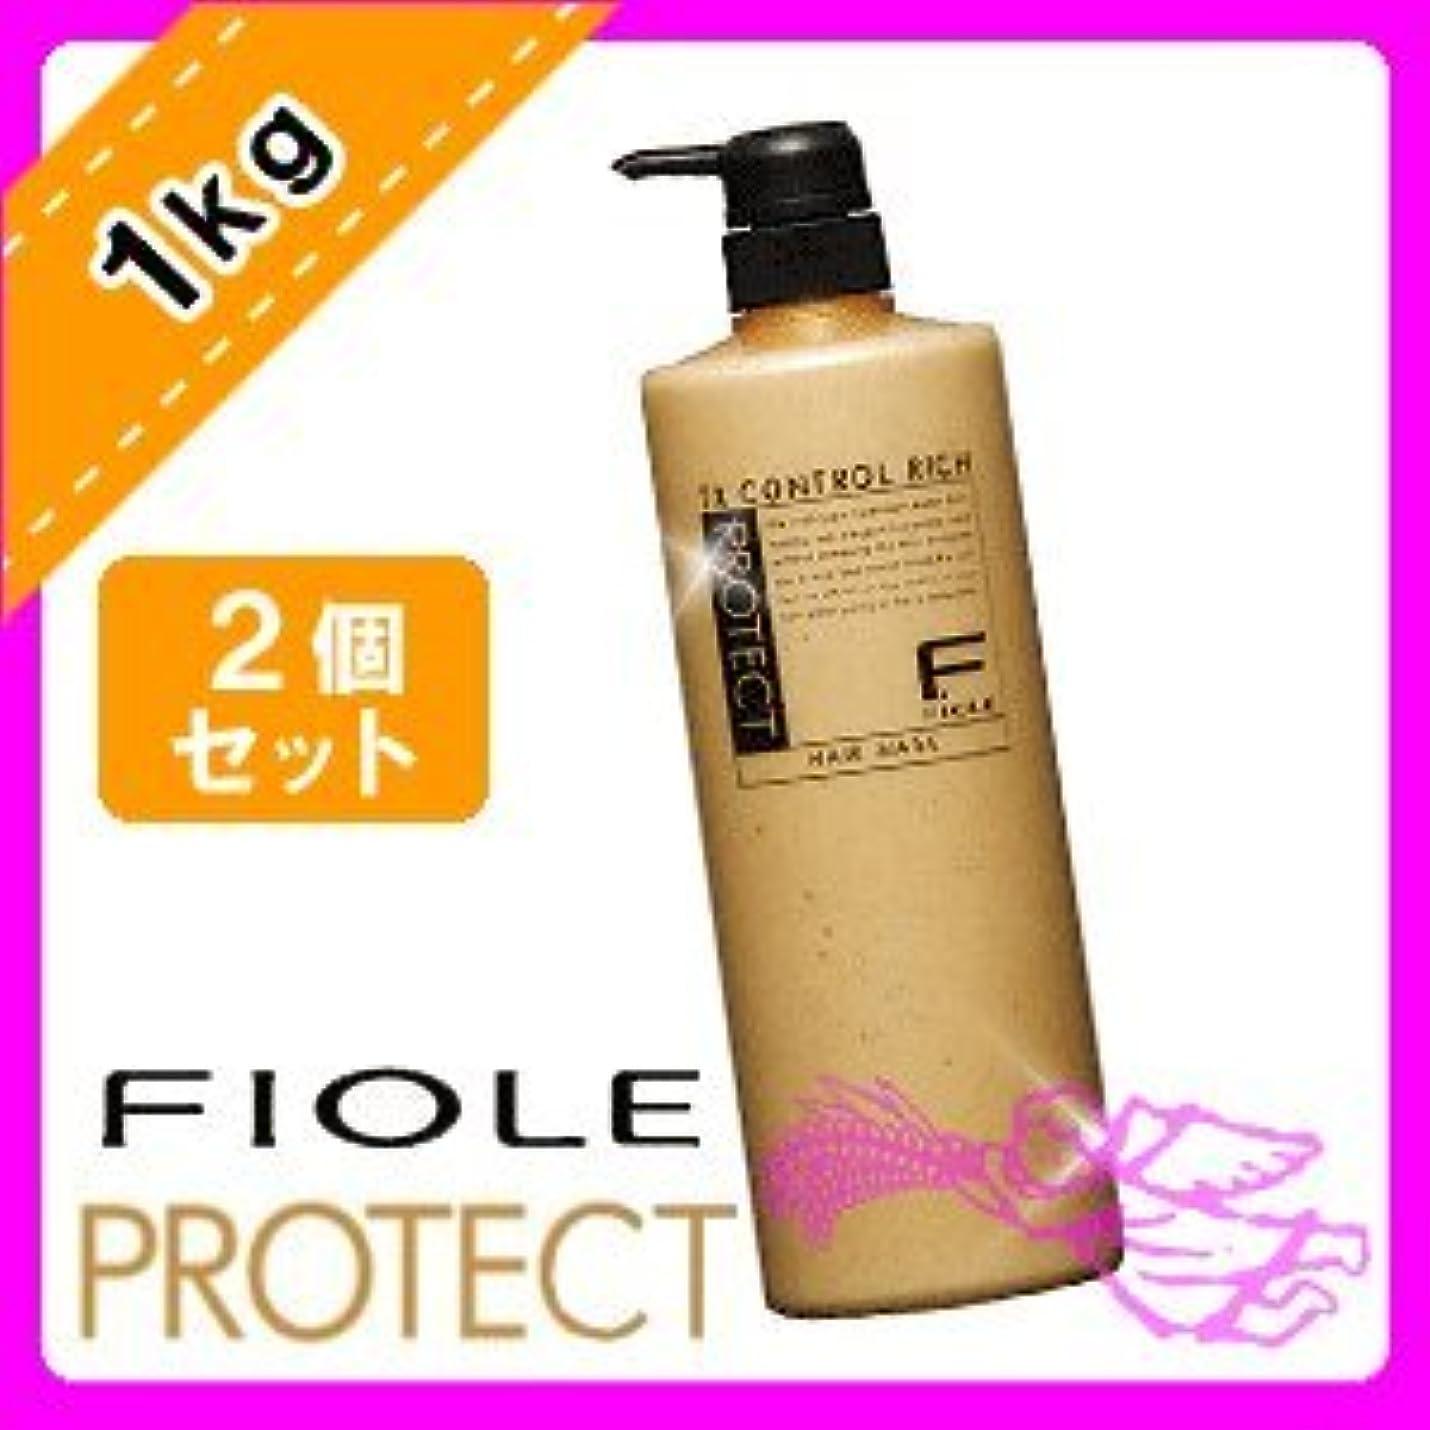 鎮静剤不正確バンジージャンプフィヨーレ Fプロテクト ヘアマスク リッチ <1000g×2個セット> MR FIOLE Fprotect 毛先しっとり